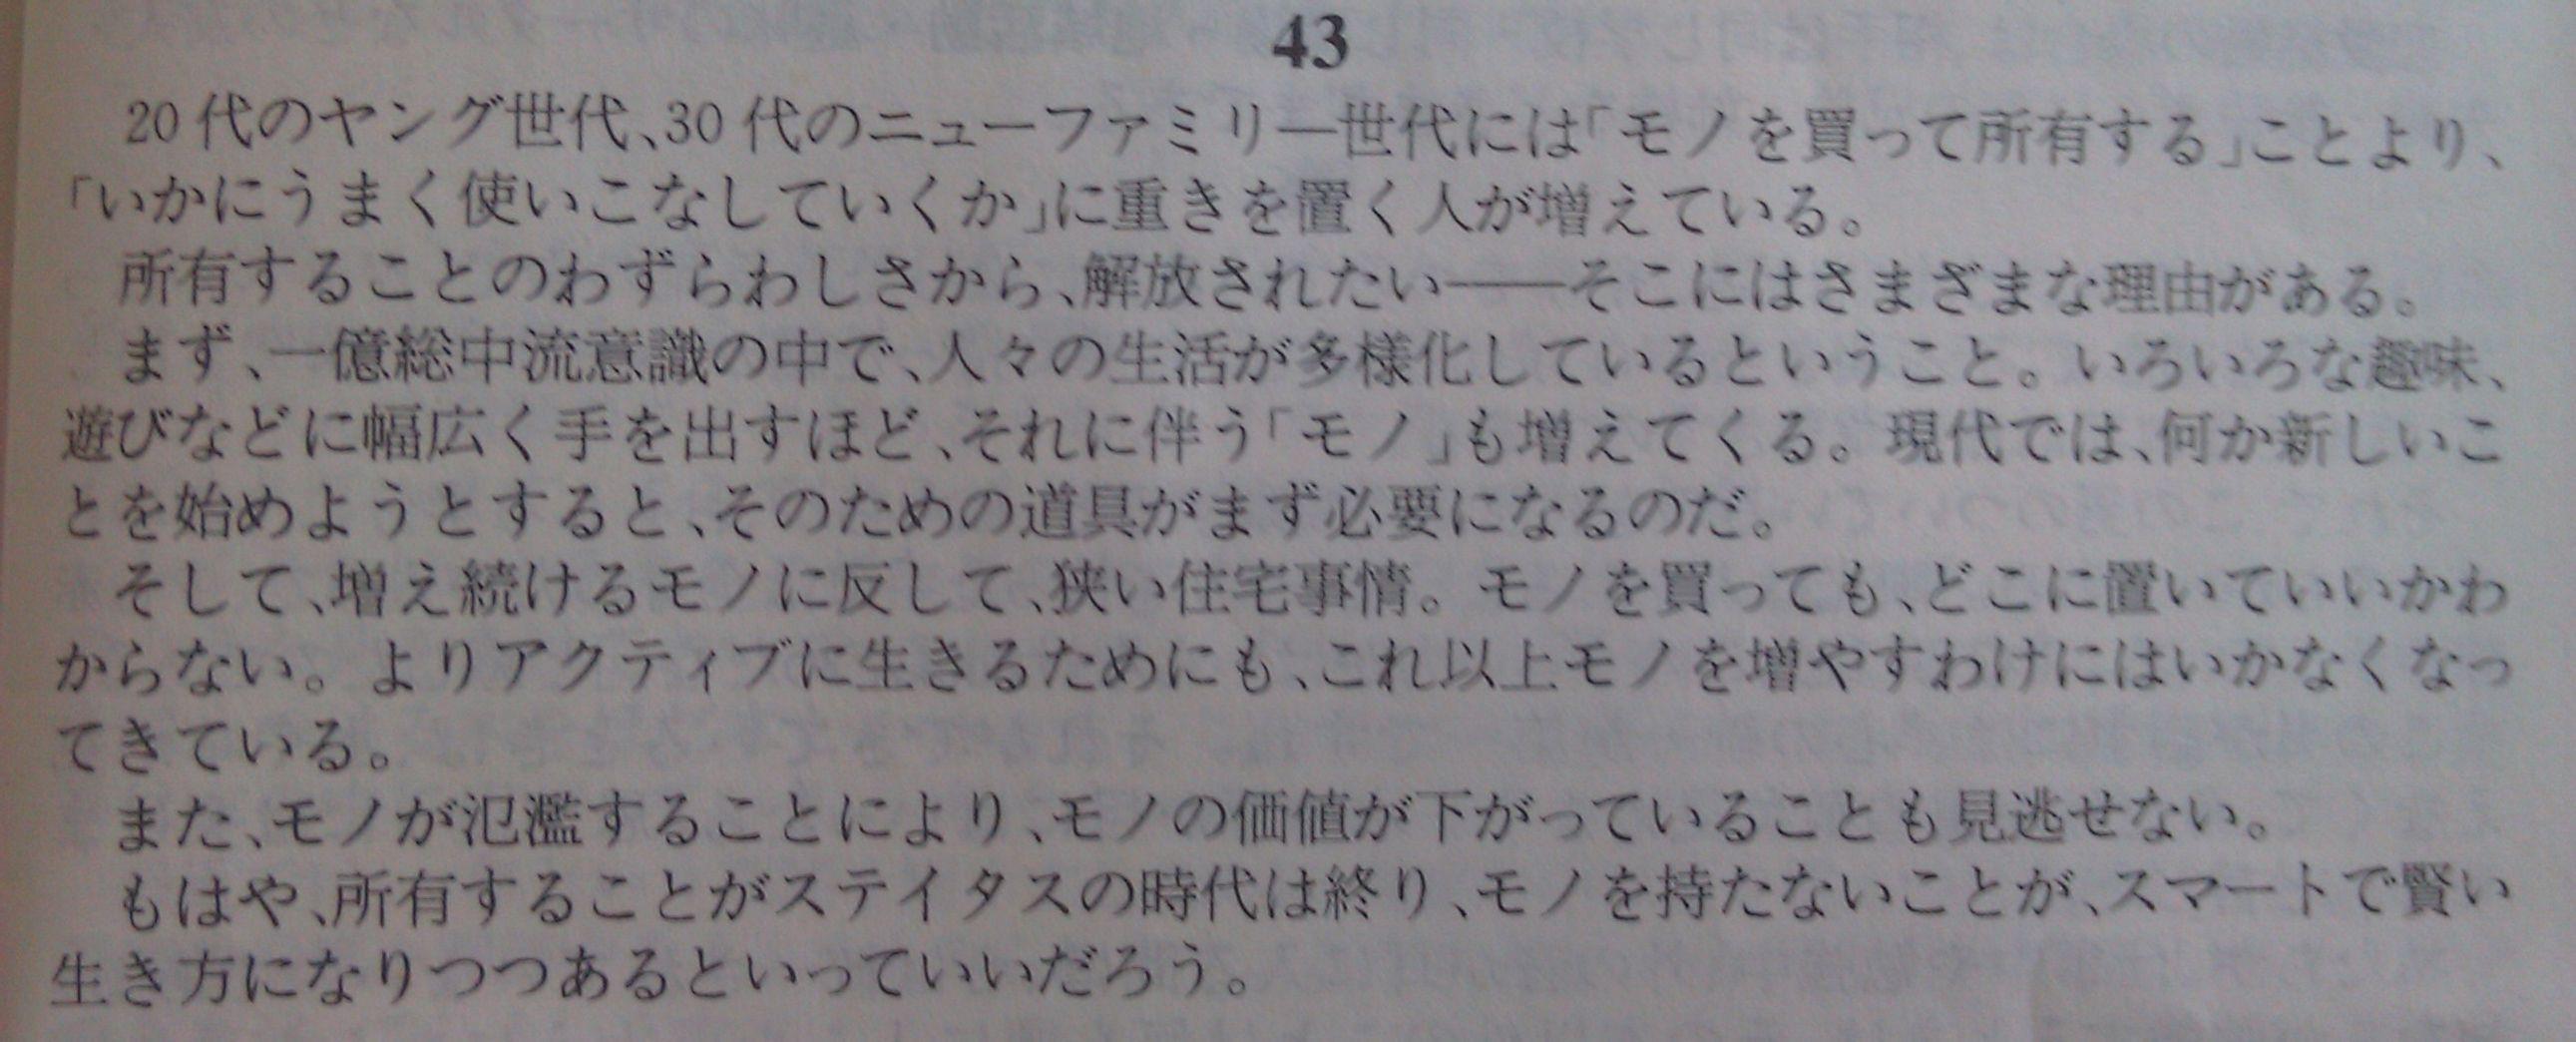 日语在线翻译有声音